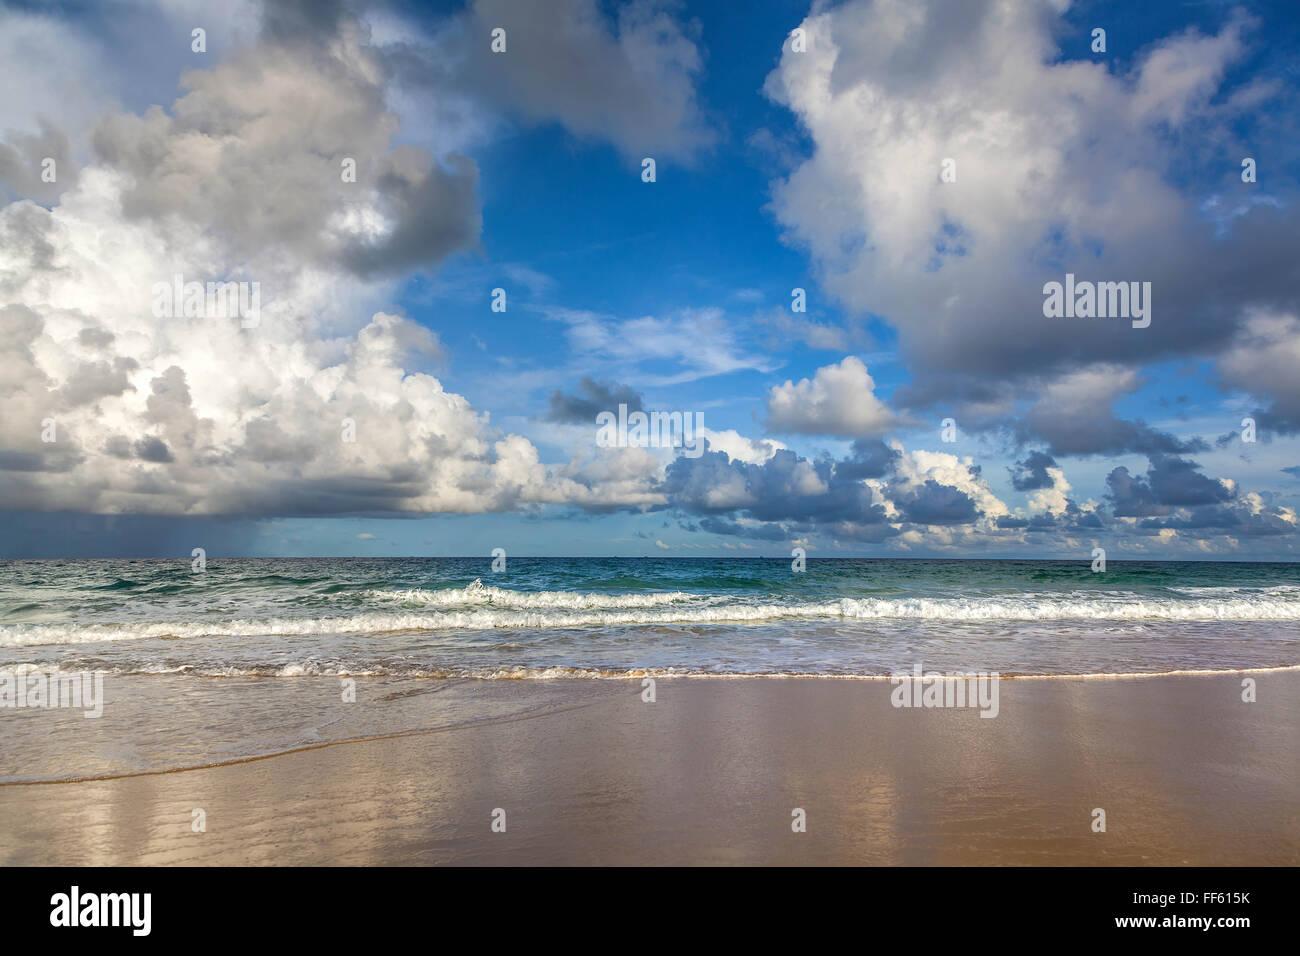 Amanecer en la playa de Karon. Isla tailandesa de Phuket. Foto de stock